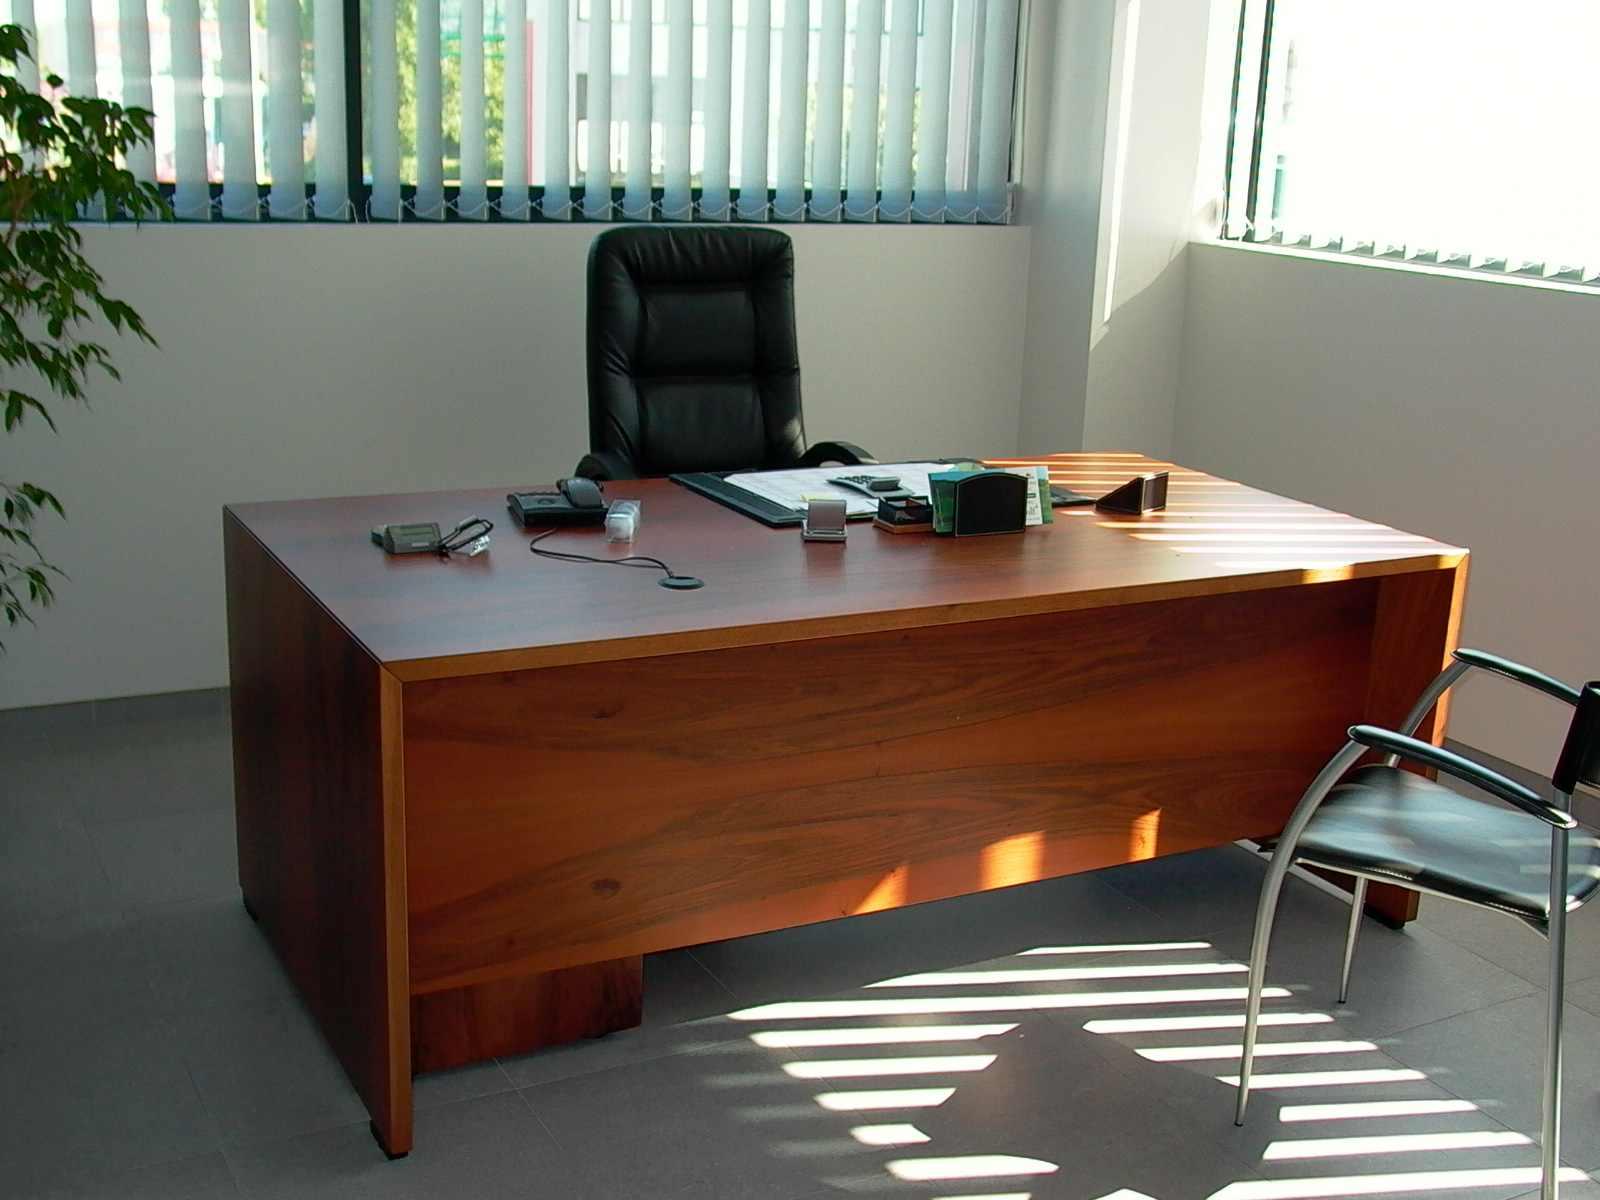 Scrivania Ufficio Bologna : Tavolo ufficio usato ~ windell.co = tavolo design e arredamento per